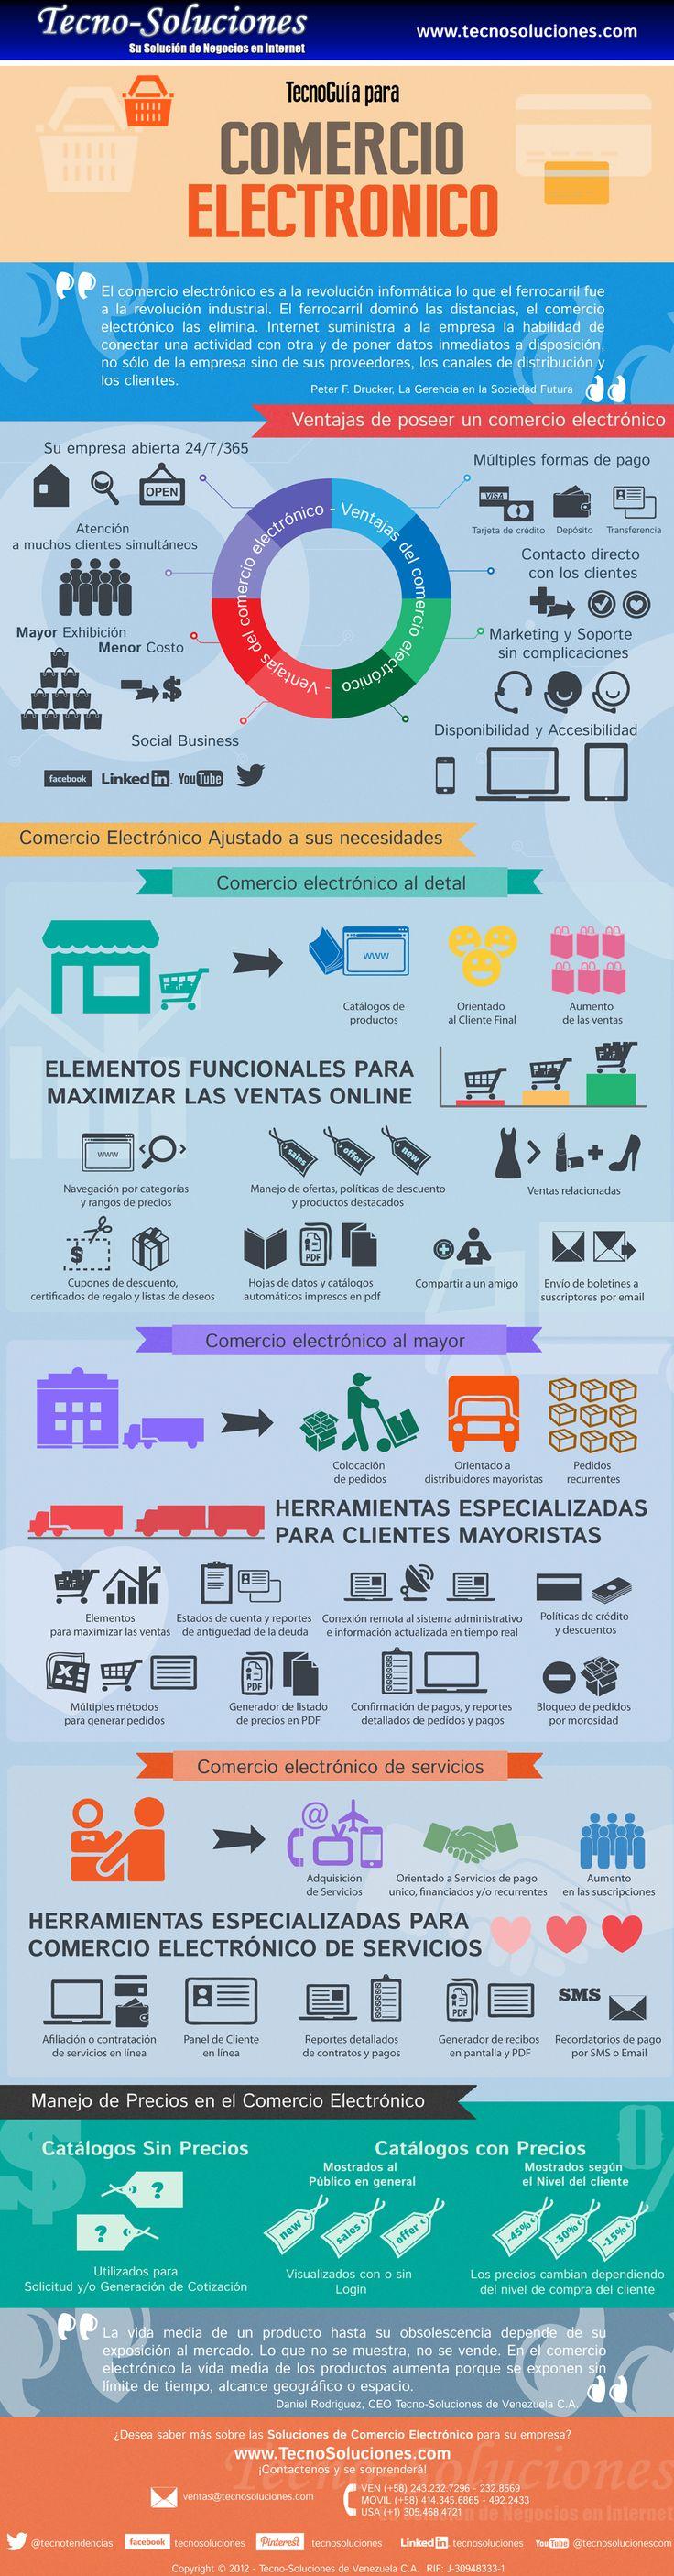 Cómo es el comercio electrónico #infogafia #infographic #ecommerce